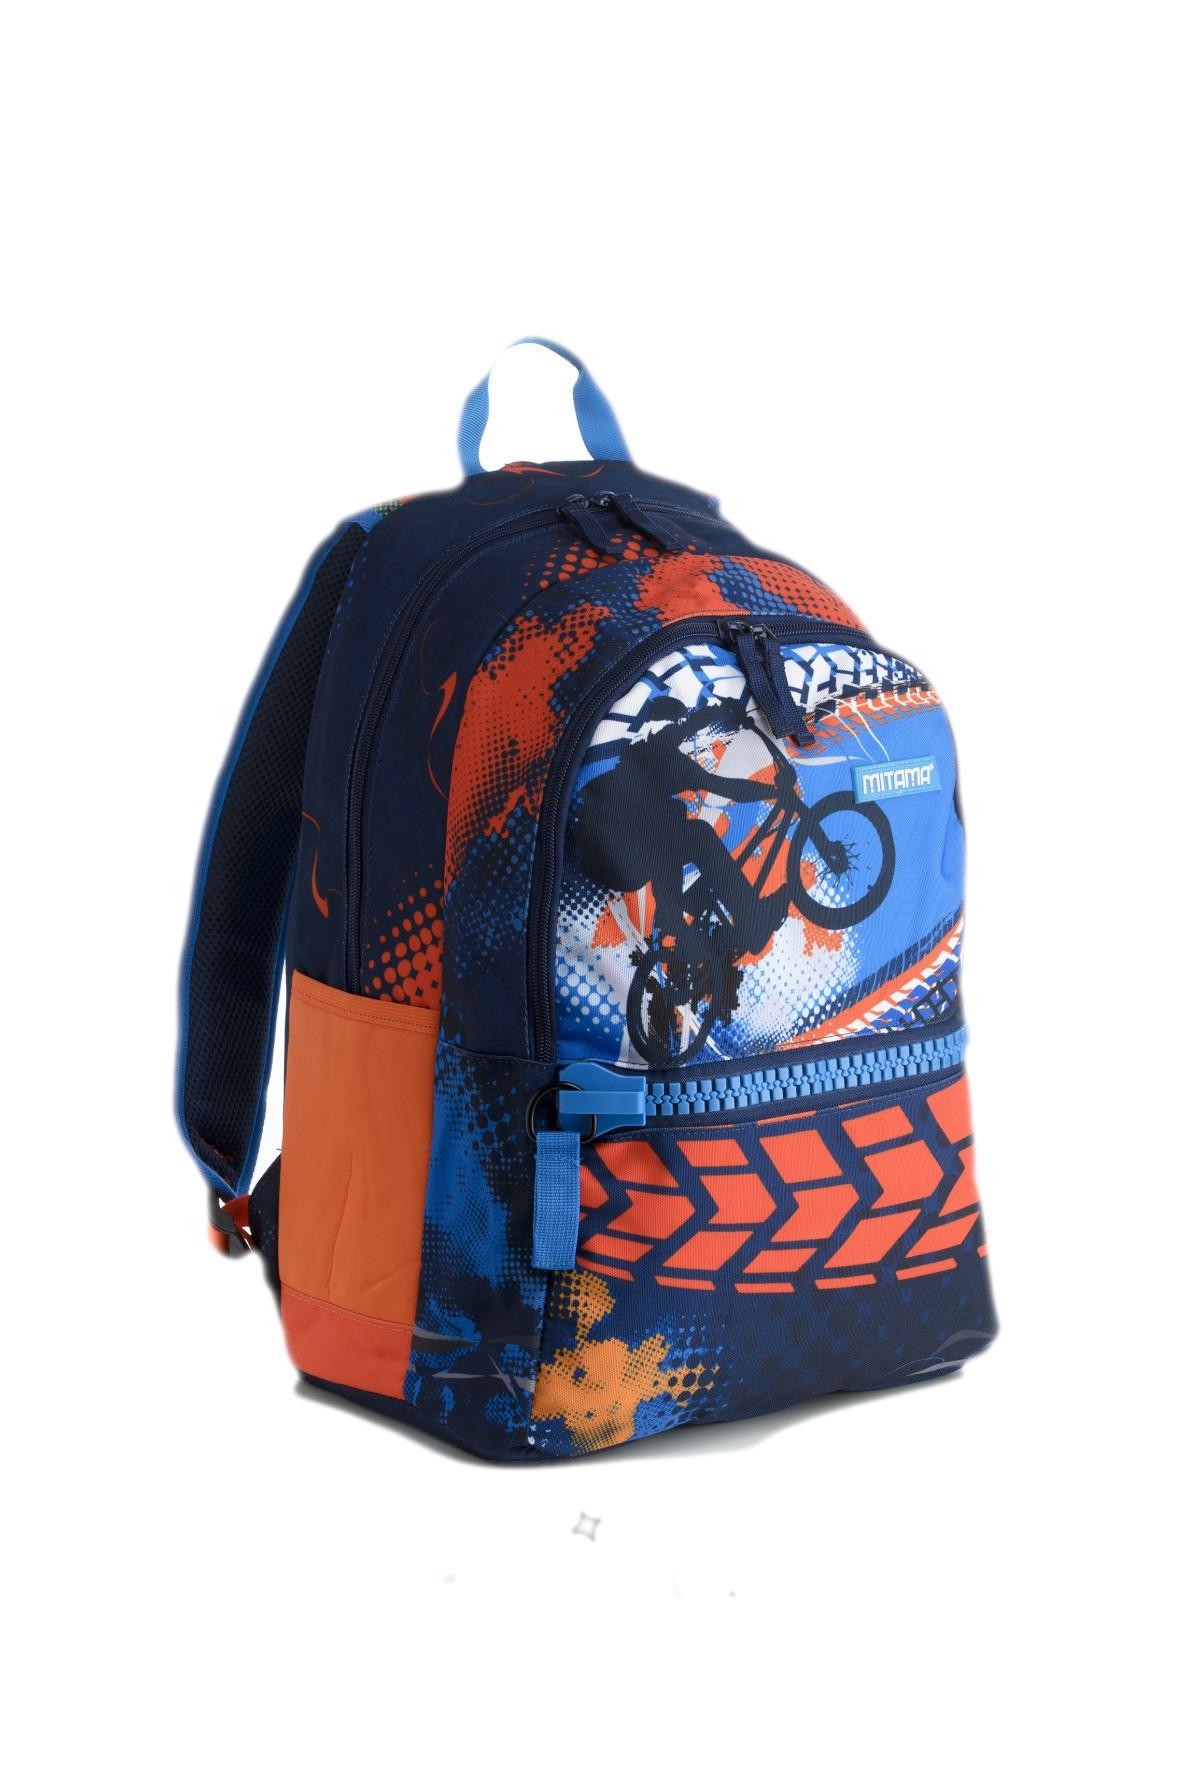 Plecak szkolny chłopięcy - granatowo -pomarańczowy